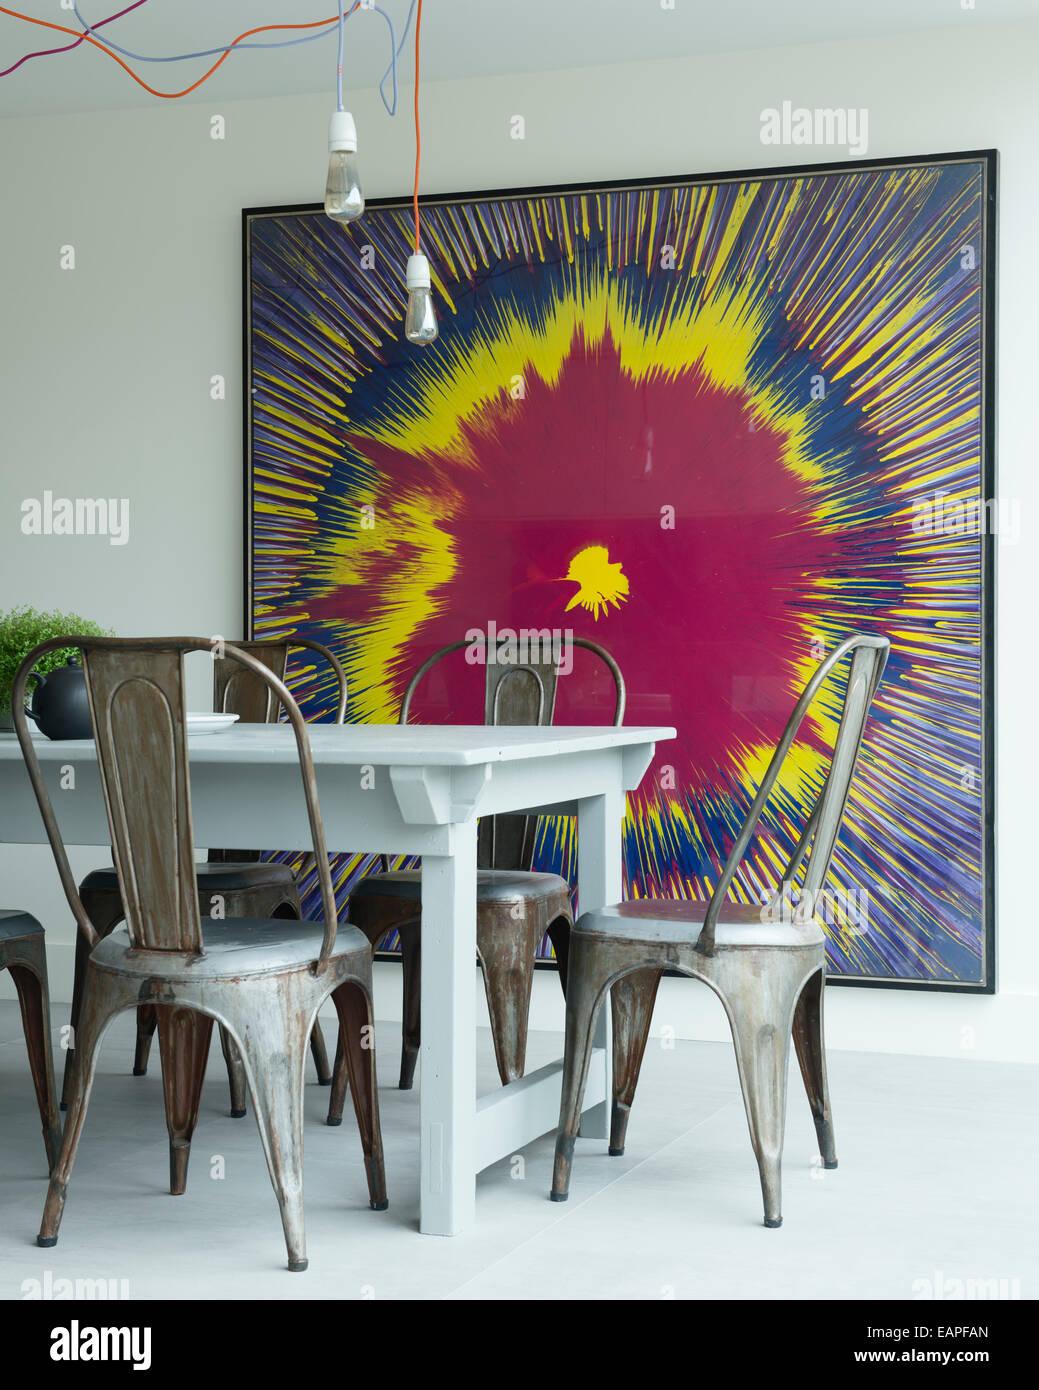 Tolix Stahl Stühle um Holz Bauernhof-Tisch in der modernen Küche mit ...